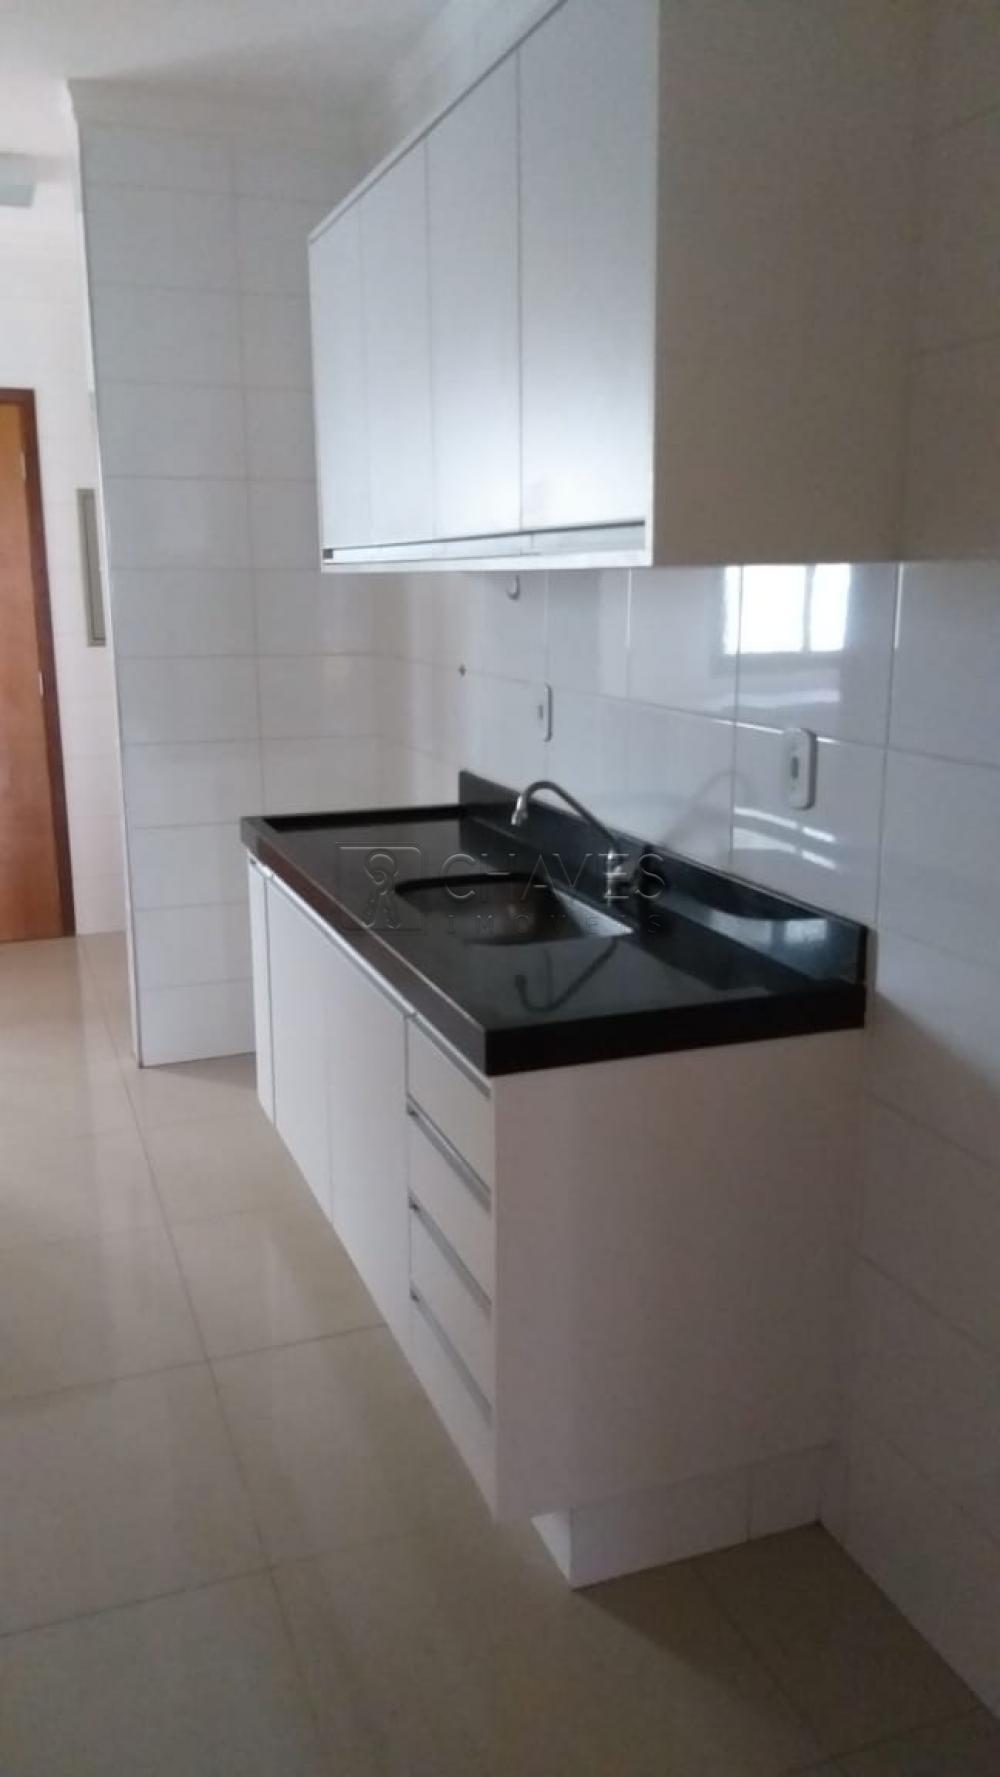 Alugar Apartamento / Cobertura em Ribeirão Preto apenas R$ 2.500,00 - Foto 6